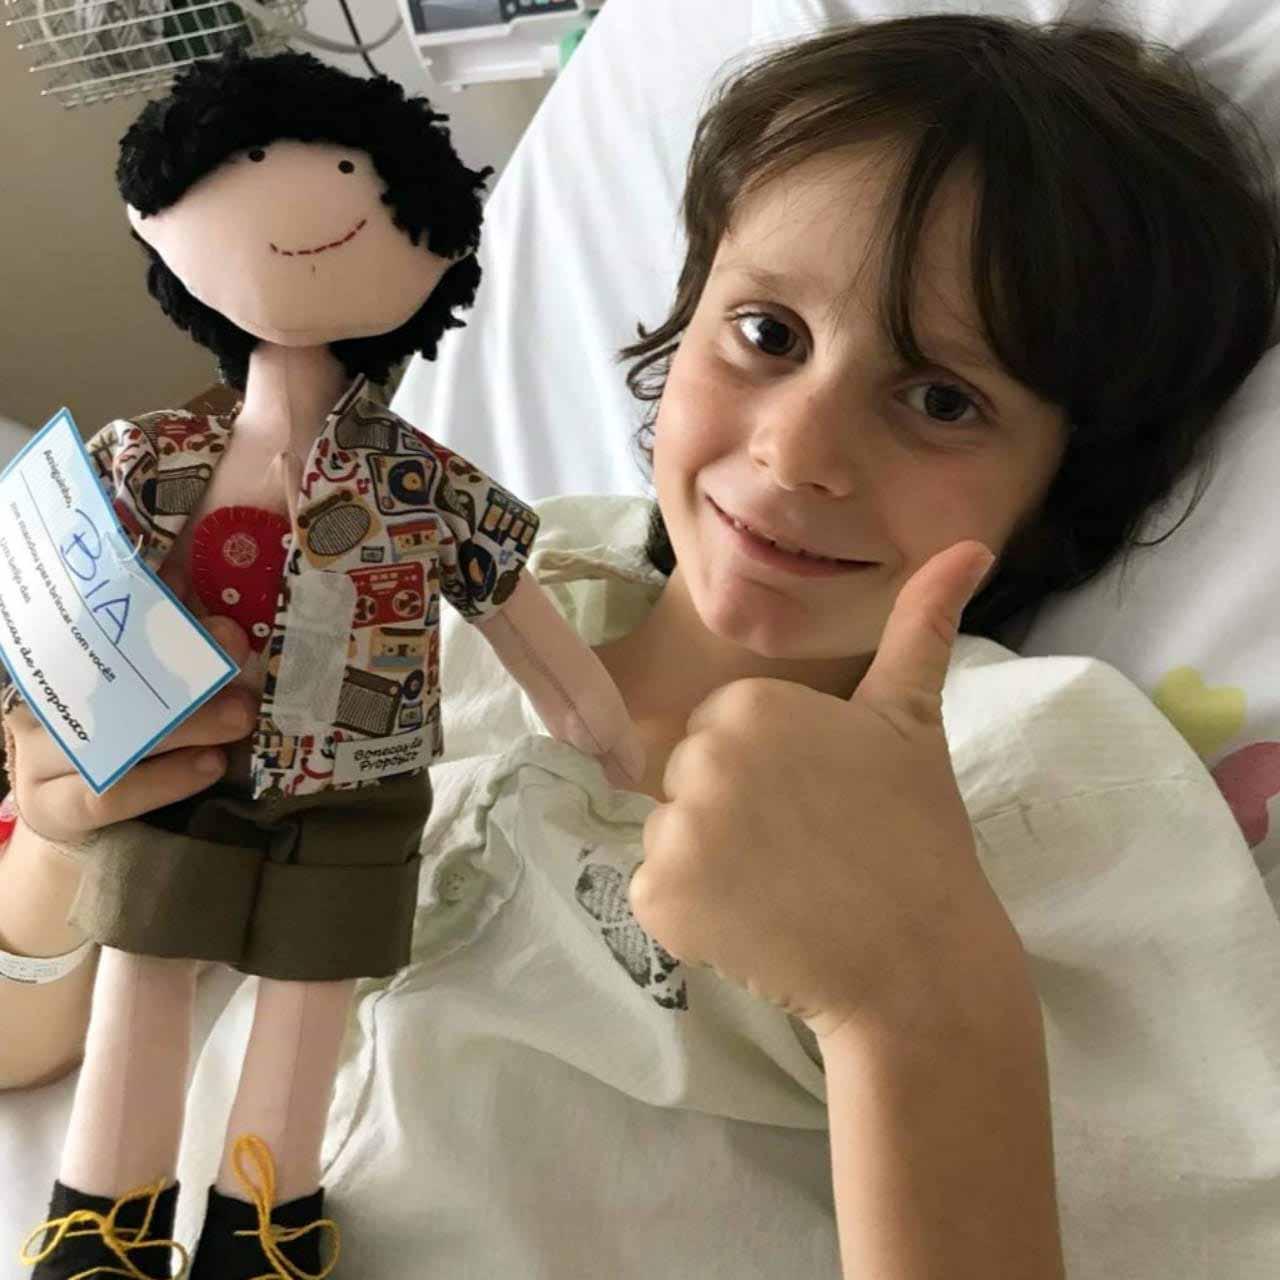 menino deitado leito hospital com boneca terapêutica